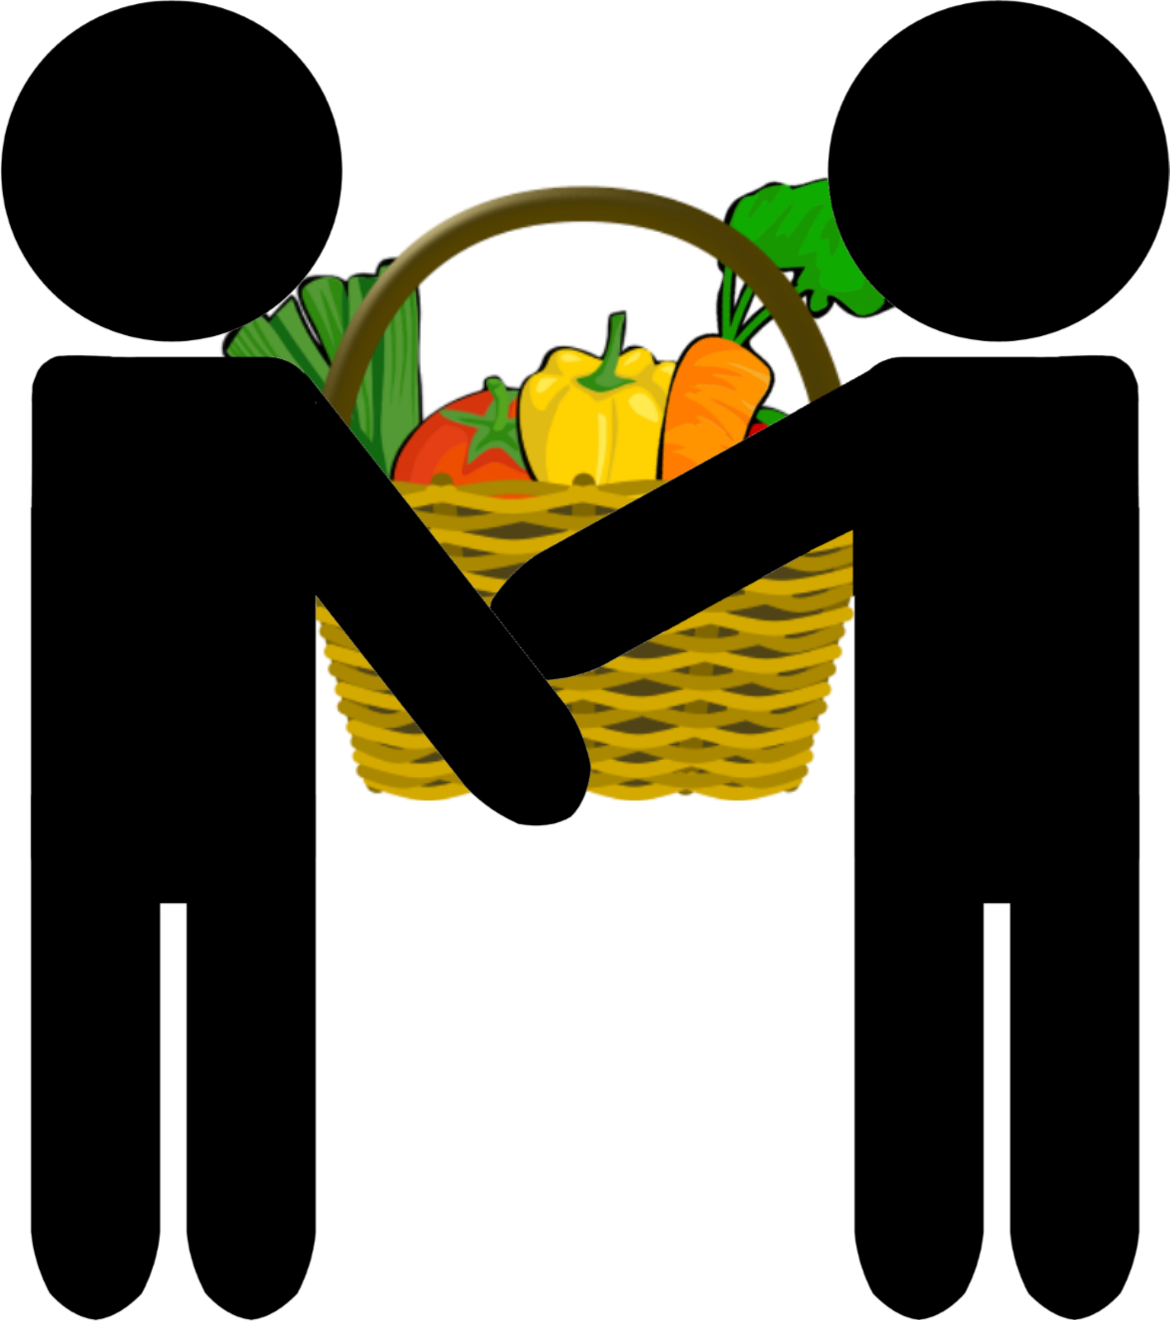 Produce Image